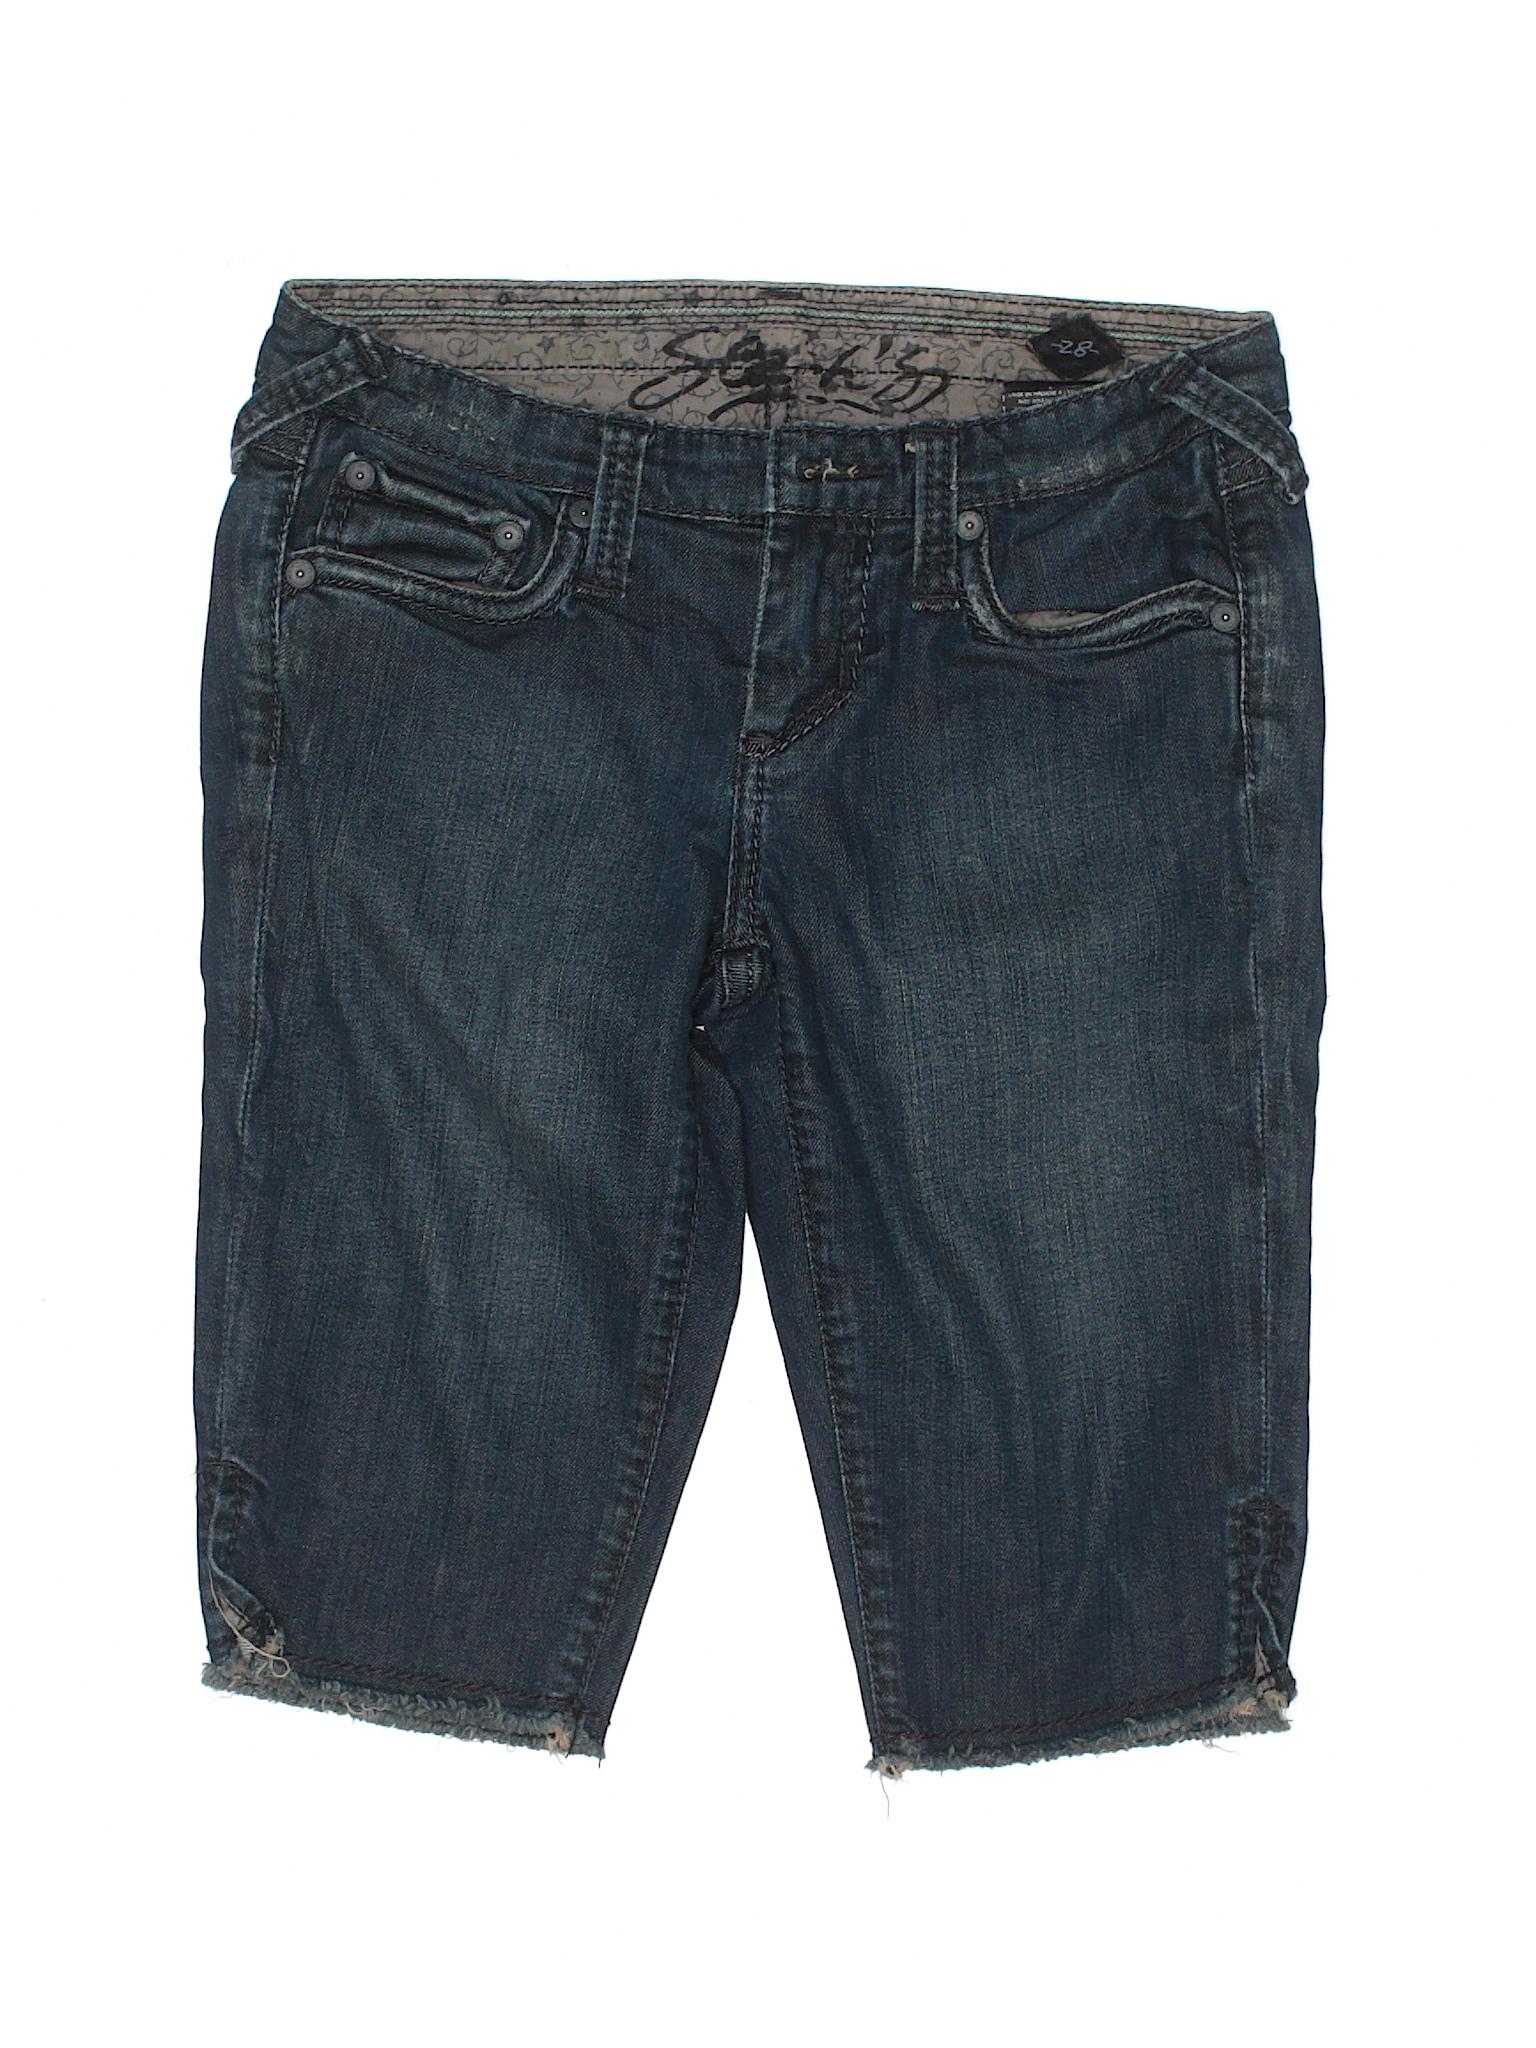 Boutique Boutique leisure Stitch's Shorts leisure Denim qFBF5w